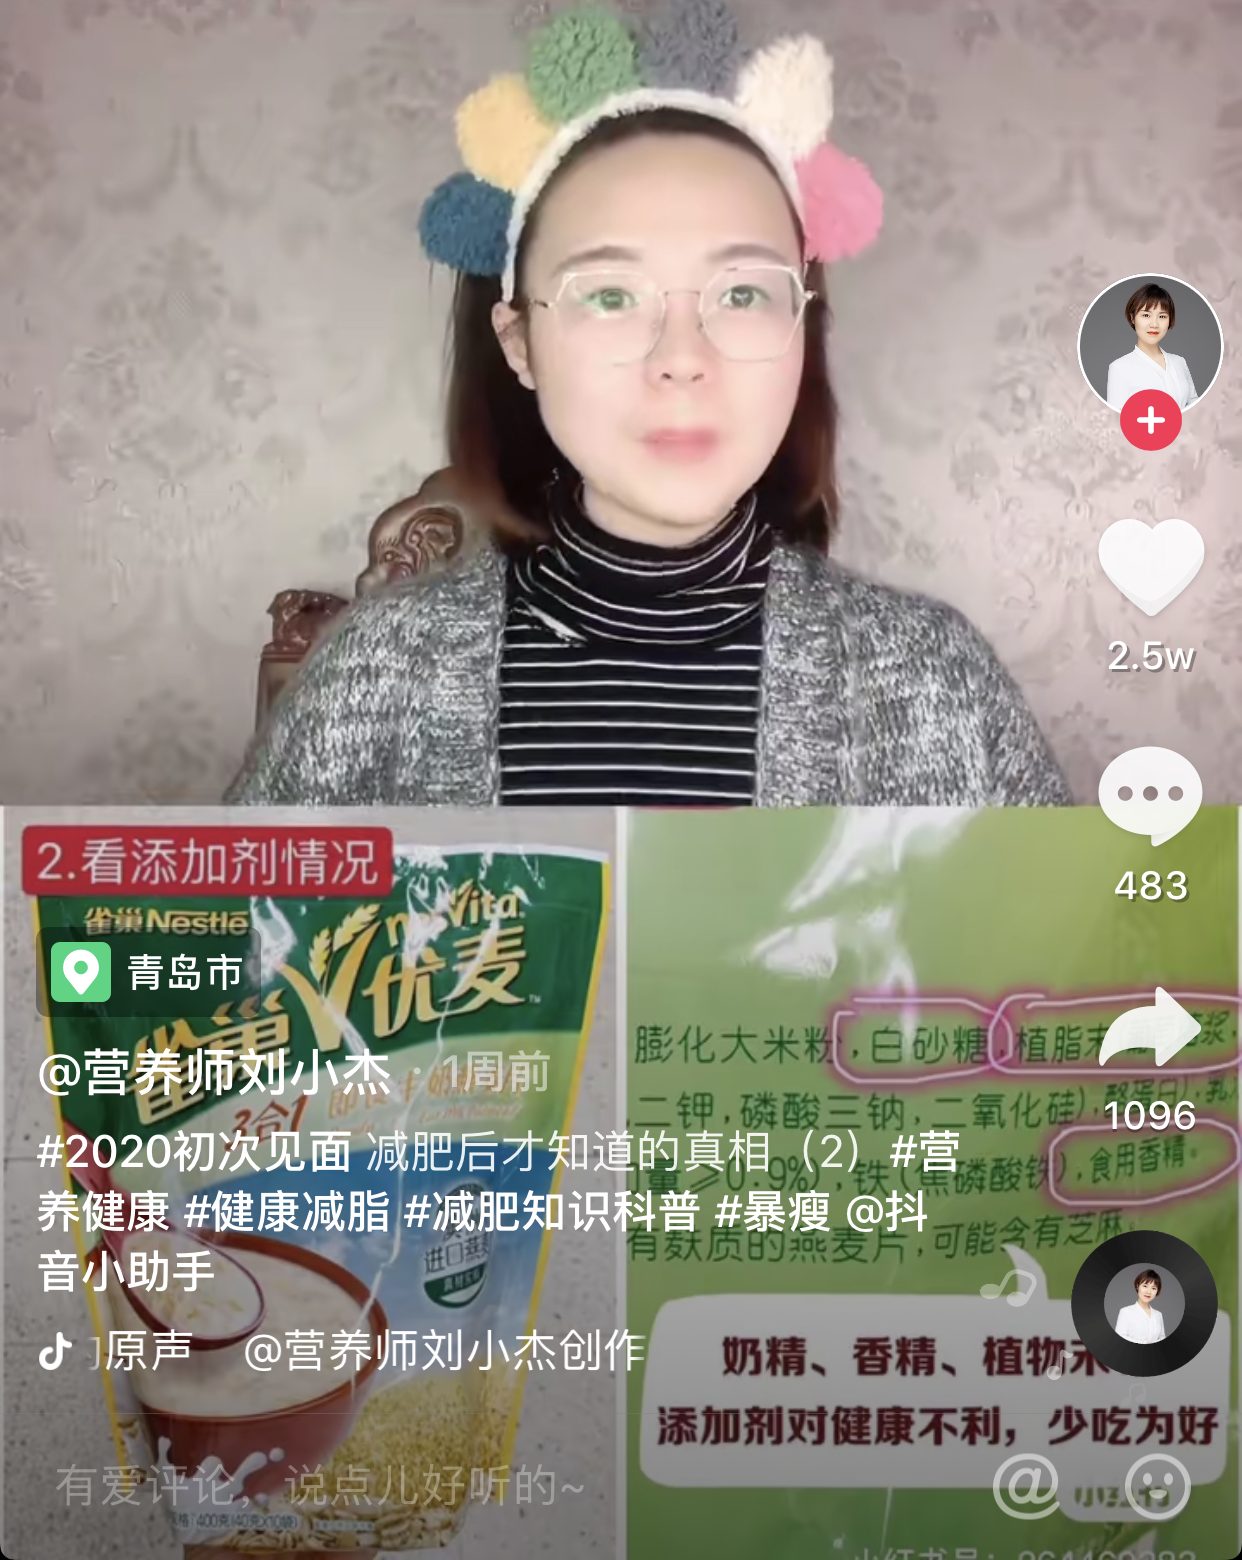 抖音刘小杰到底经历了什么-天津热点网